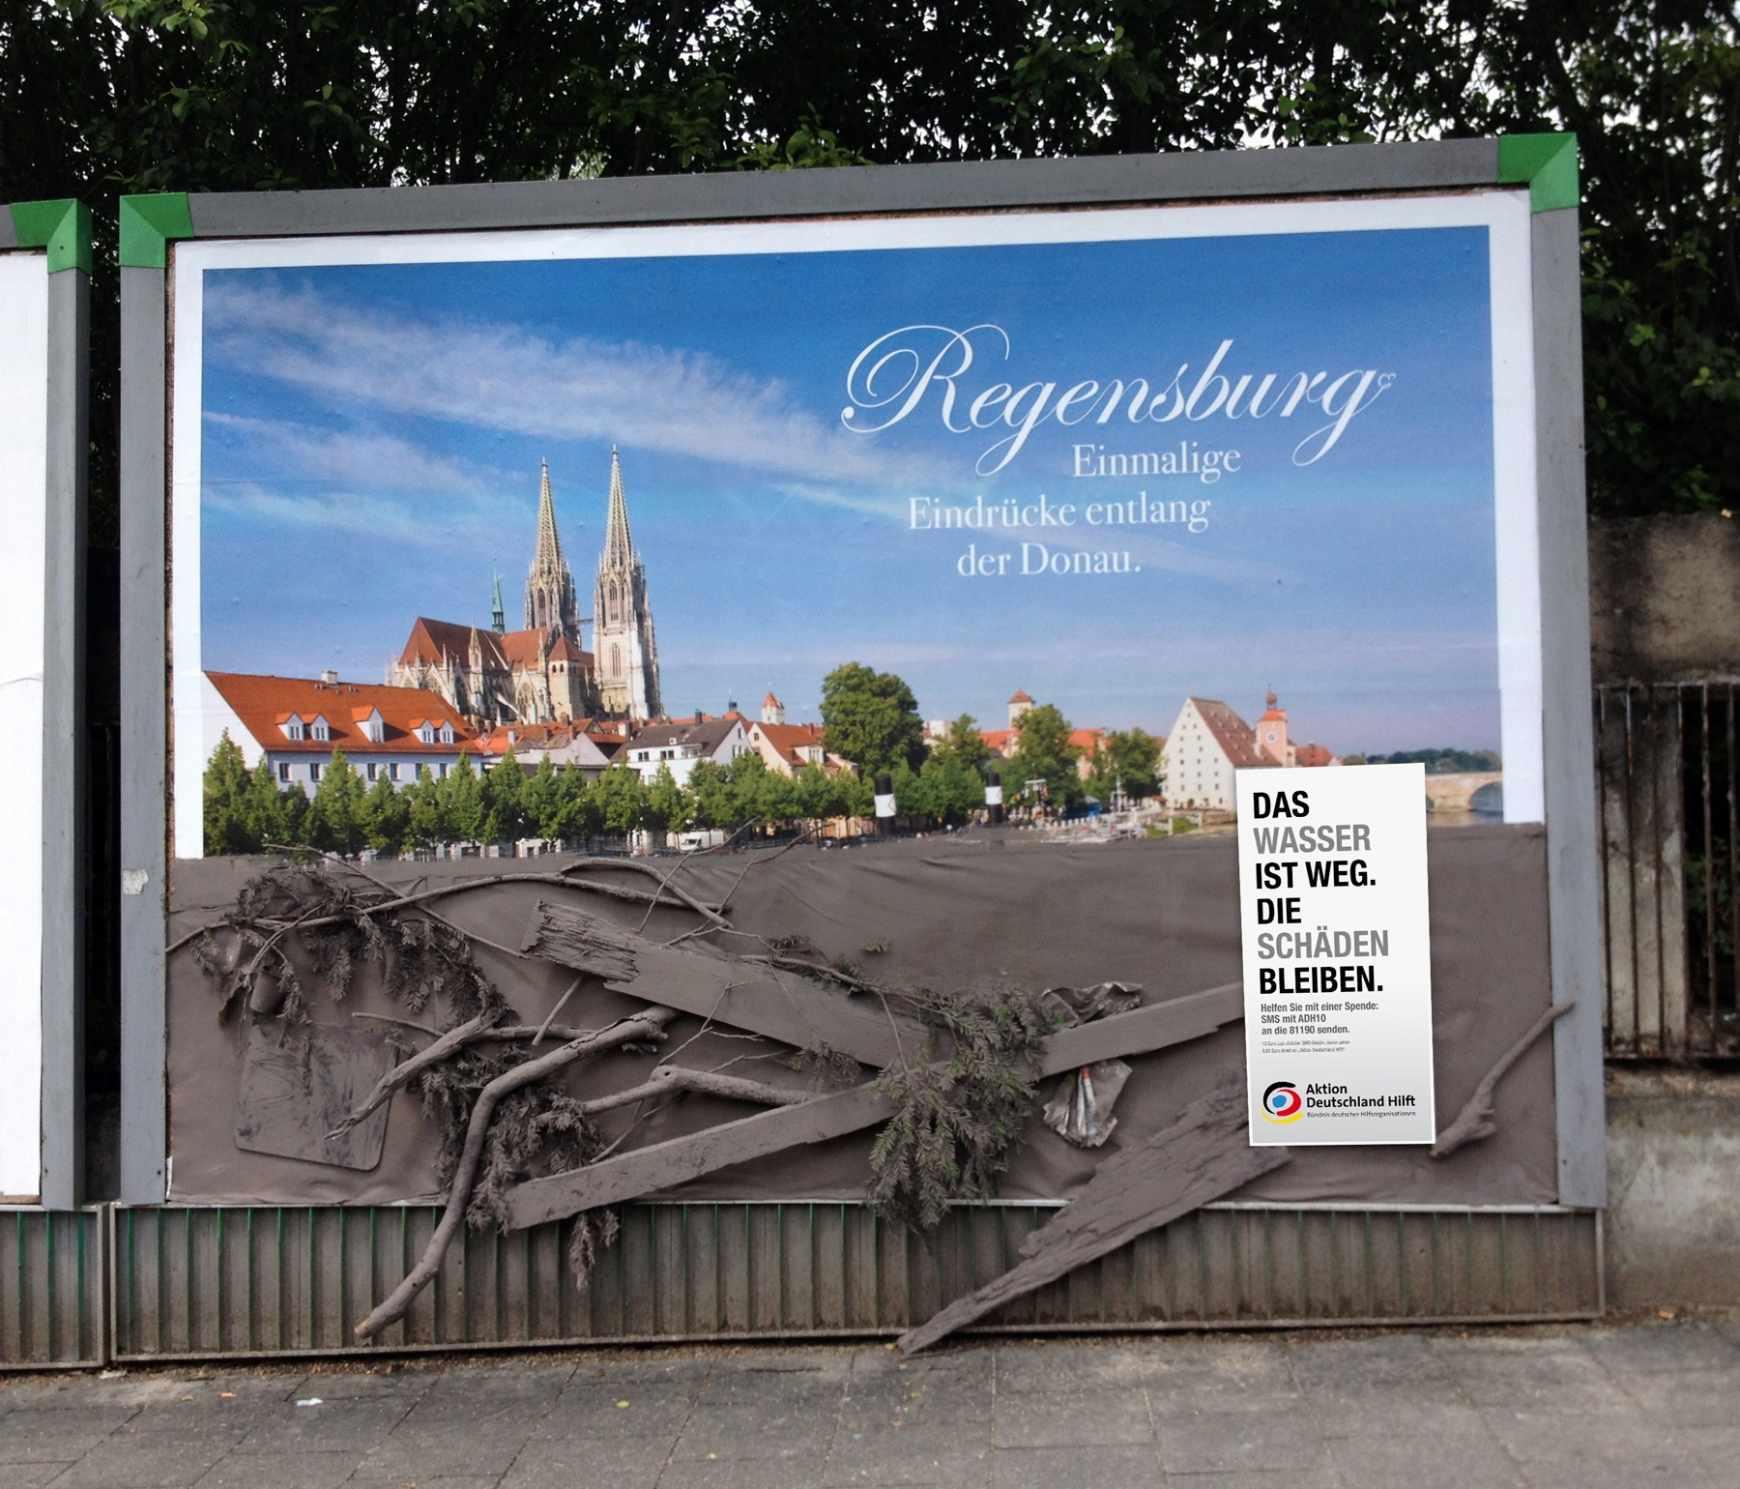 Aktion Deutschland hilft Regensburg